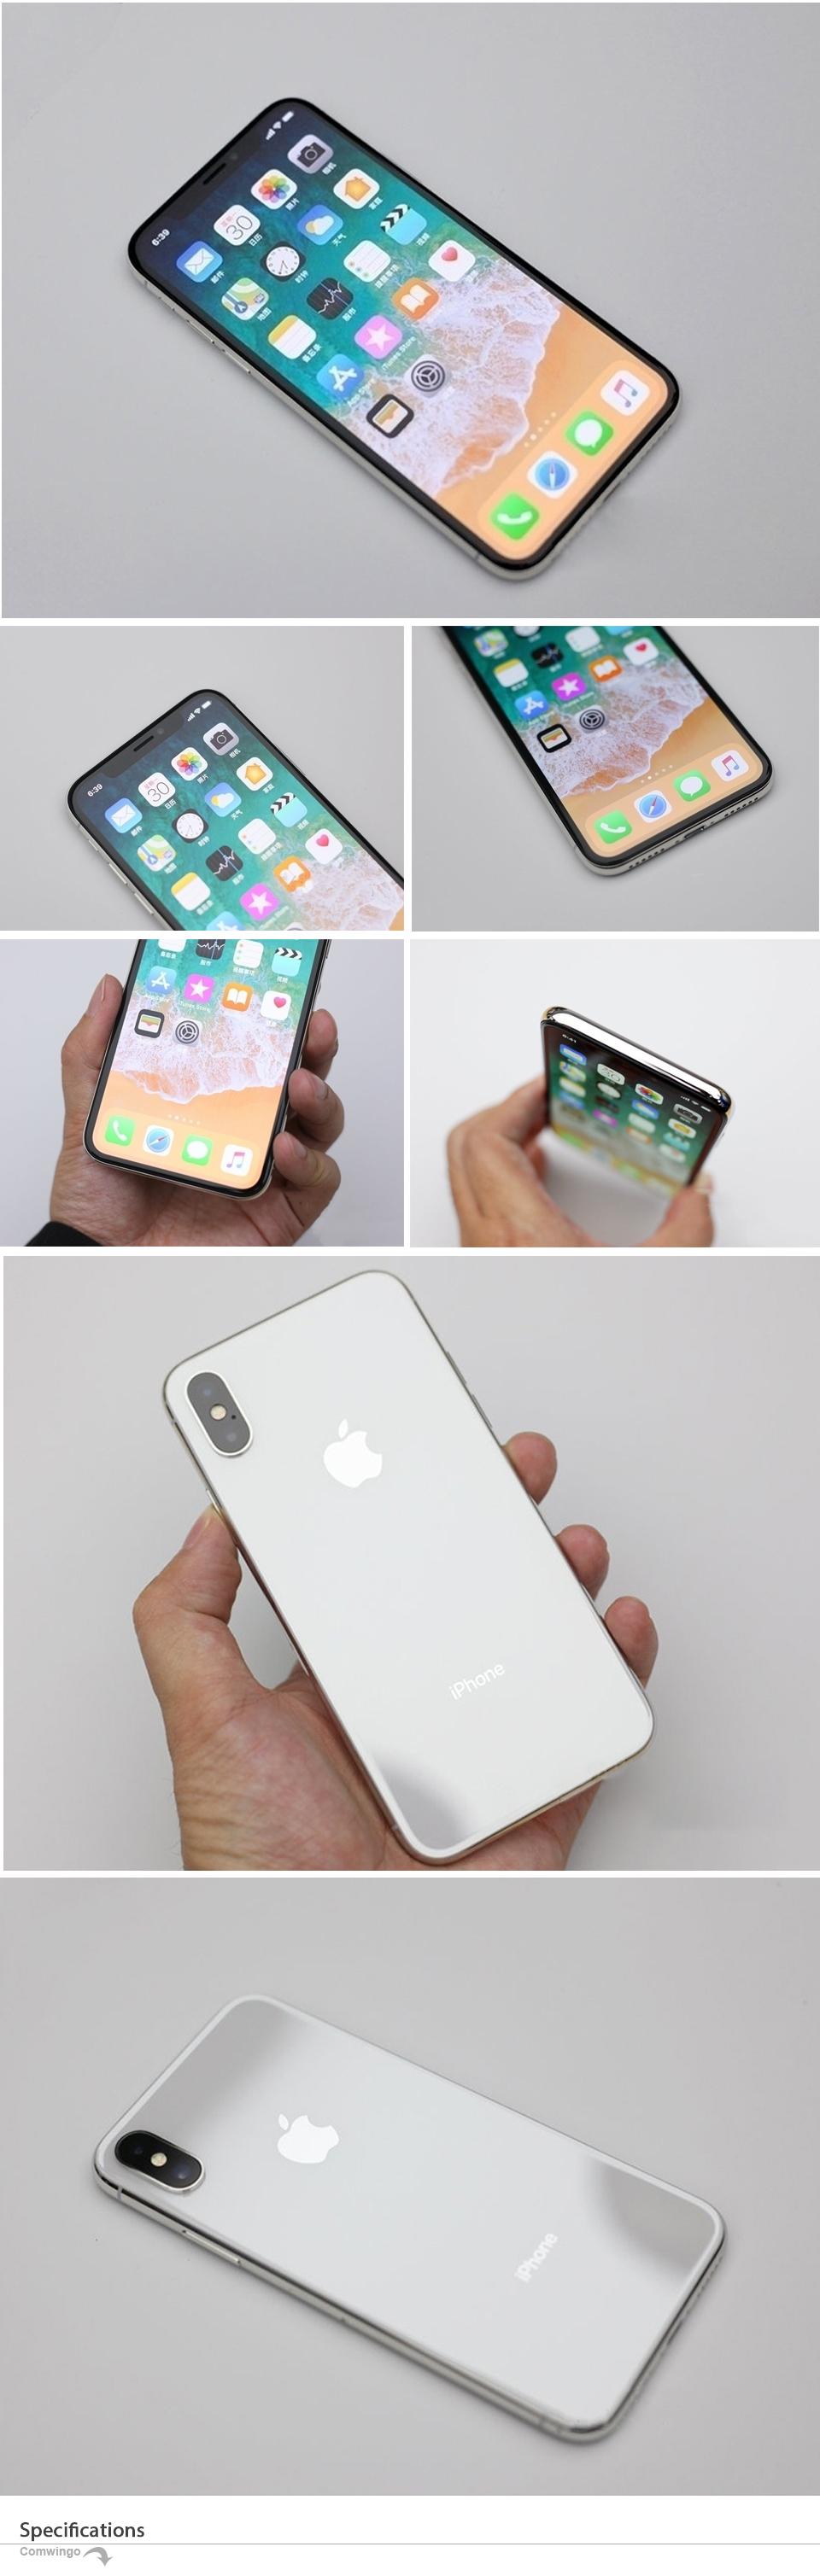 iPhoneX-3_04